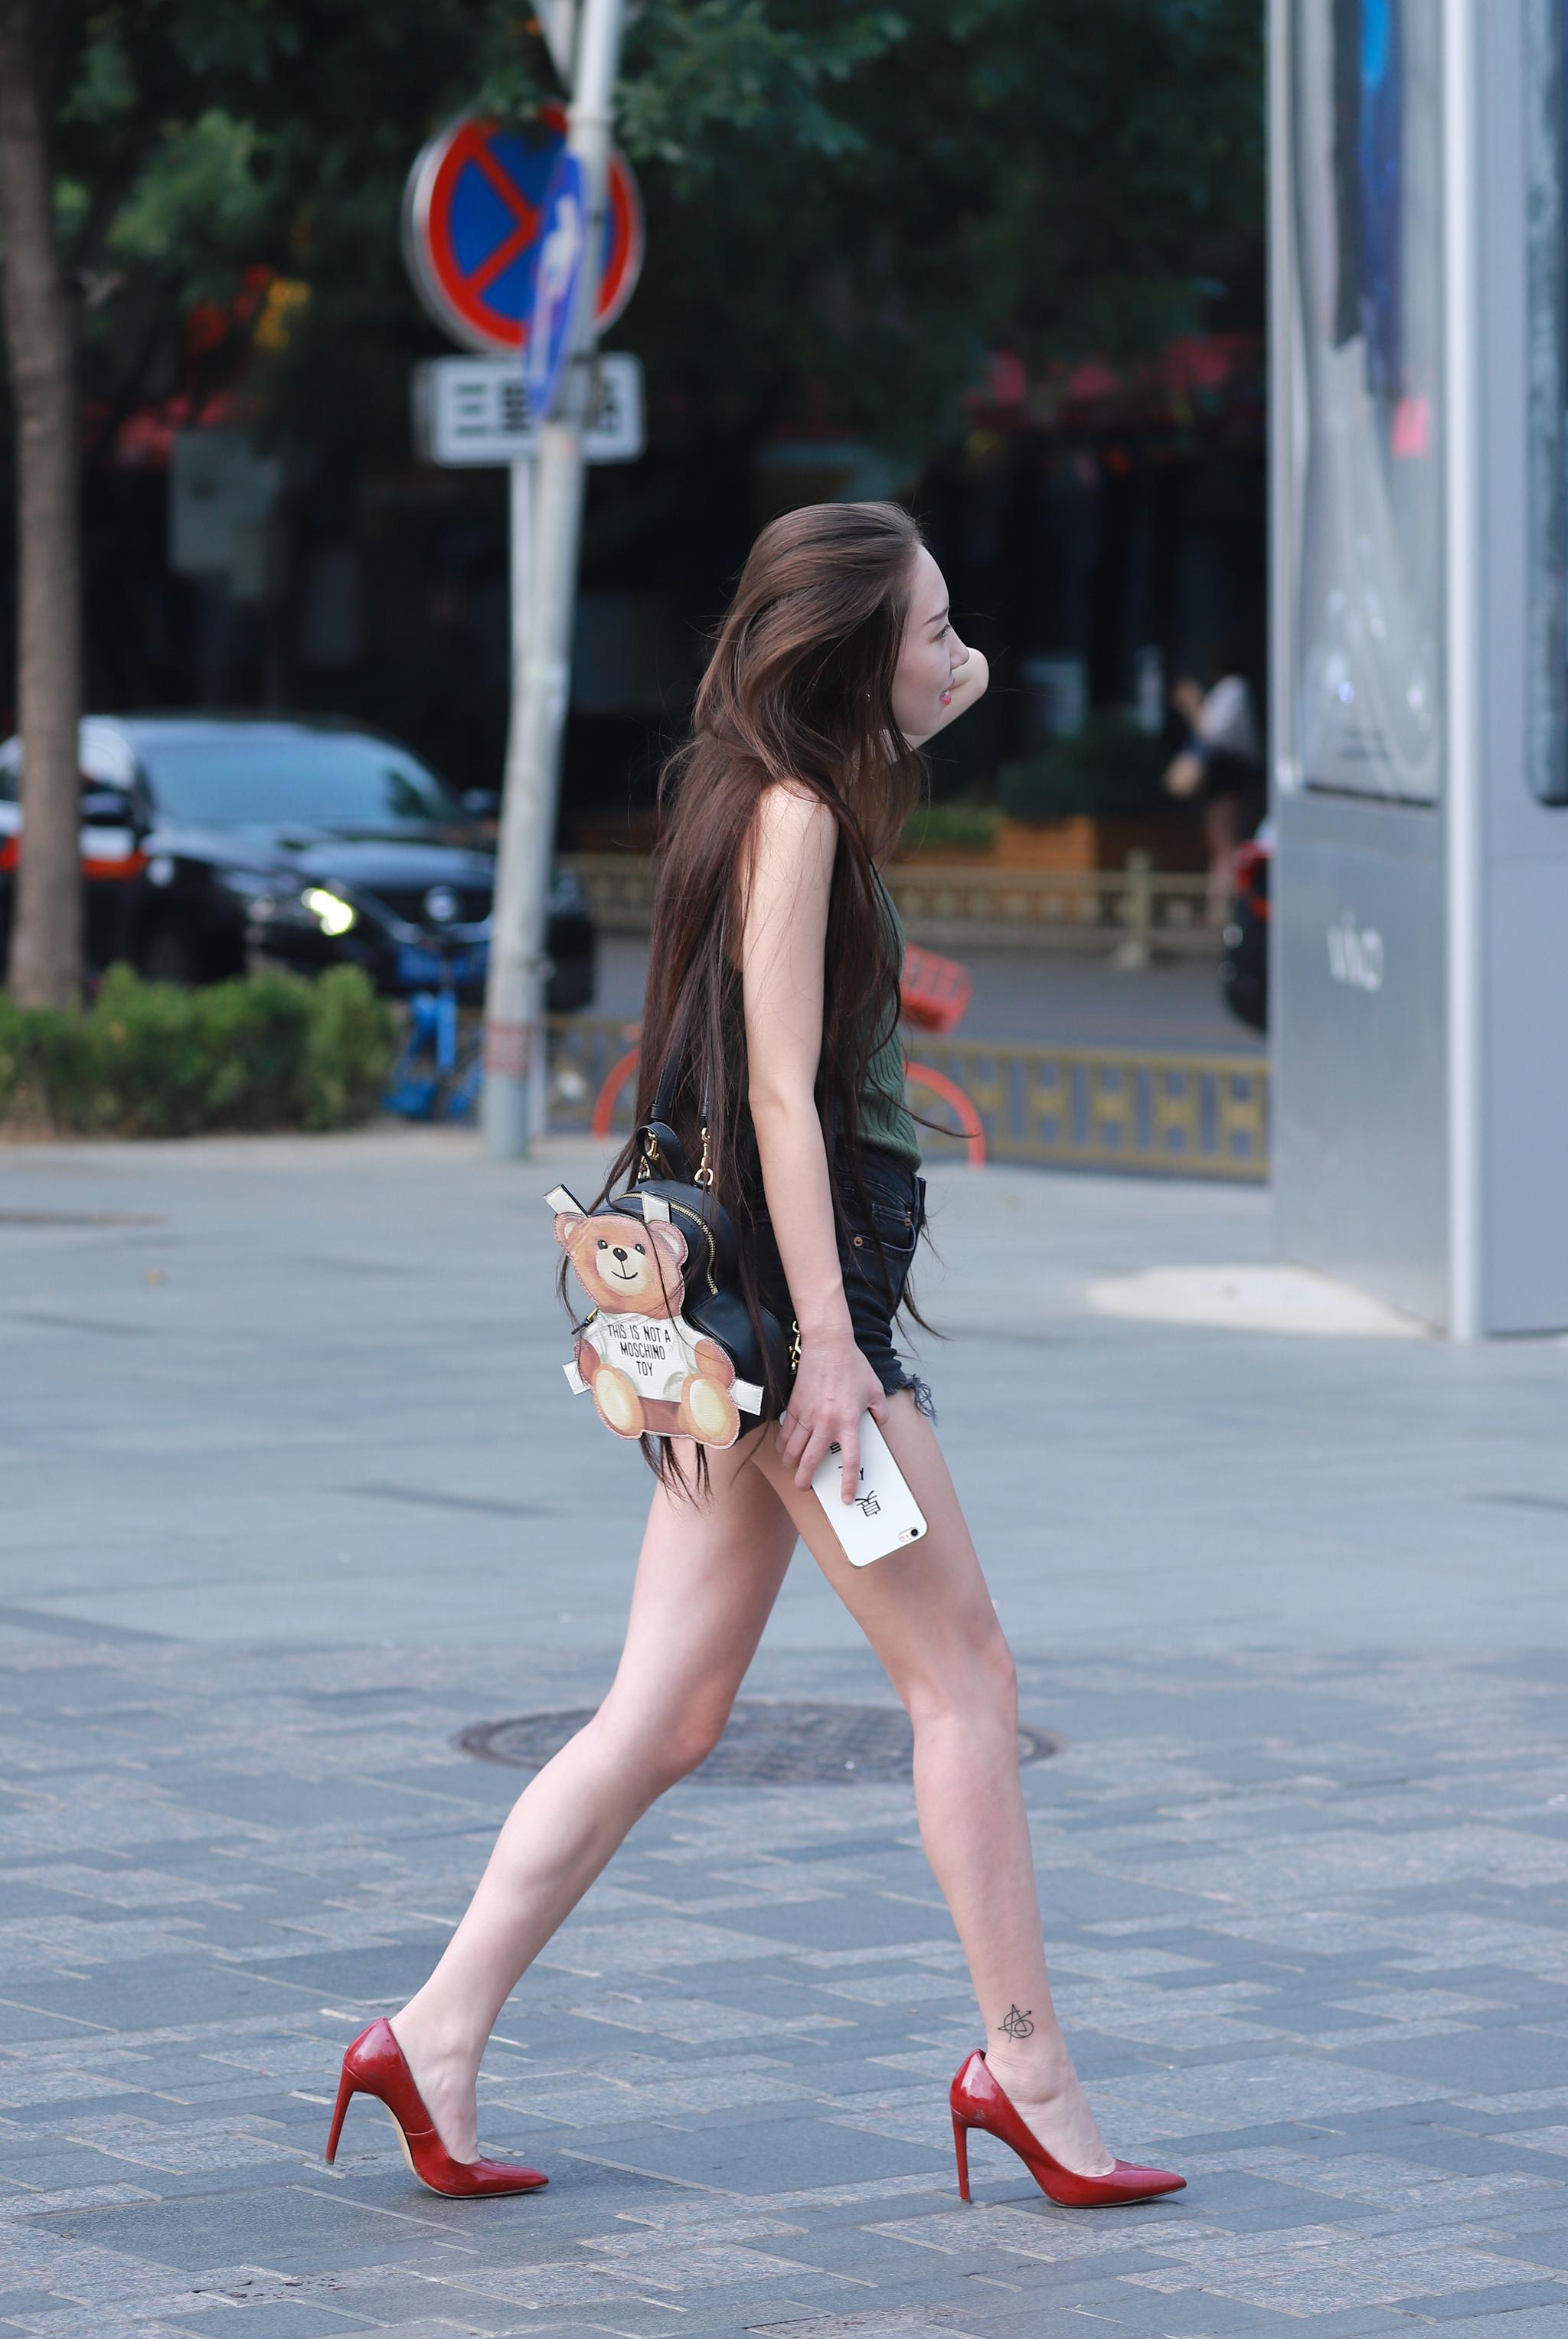 街拍:逛街时遇到一位披肩长发,红色高跟鞋的长腿姑娘图片